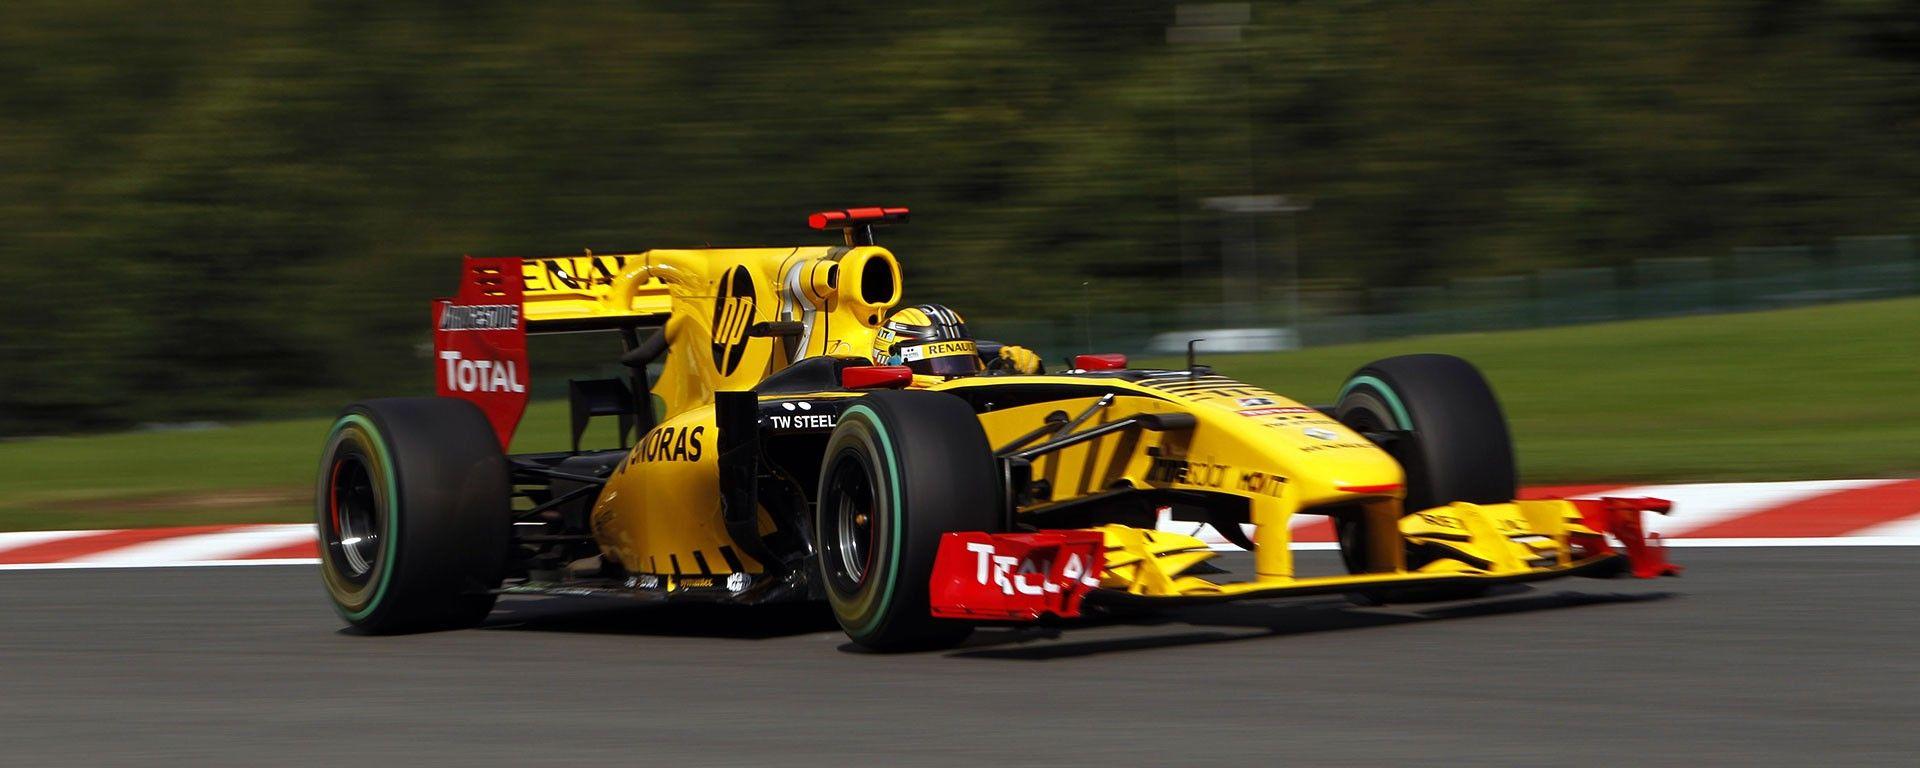 Renault F1 2010 - Kubica